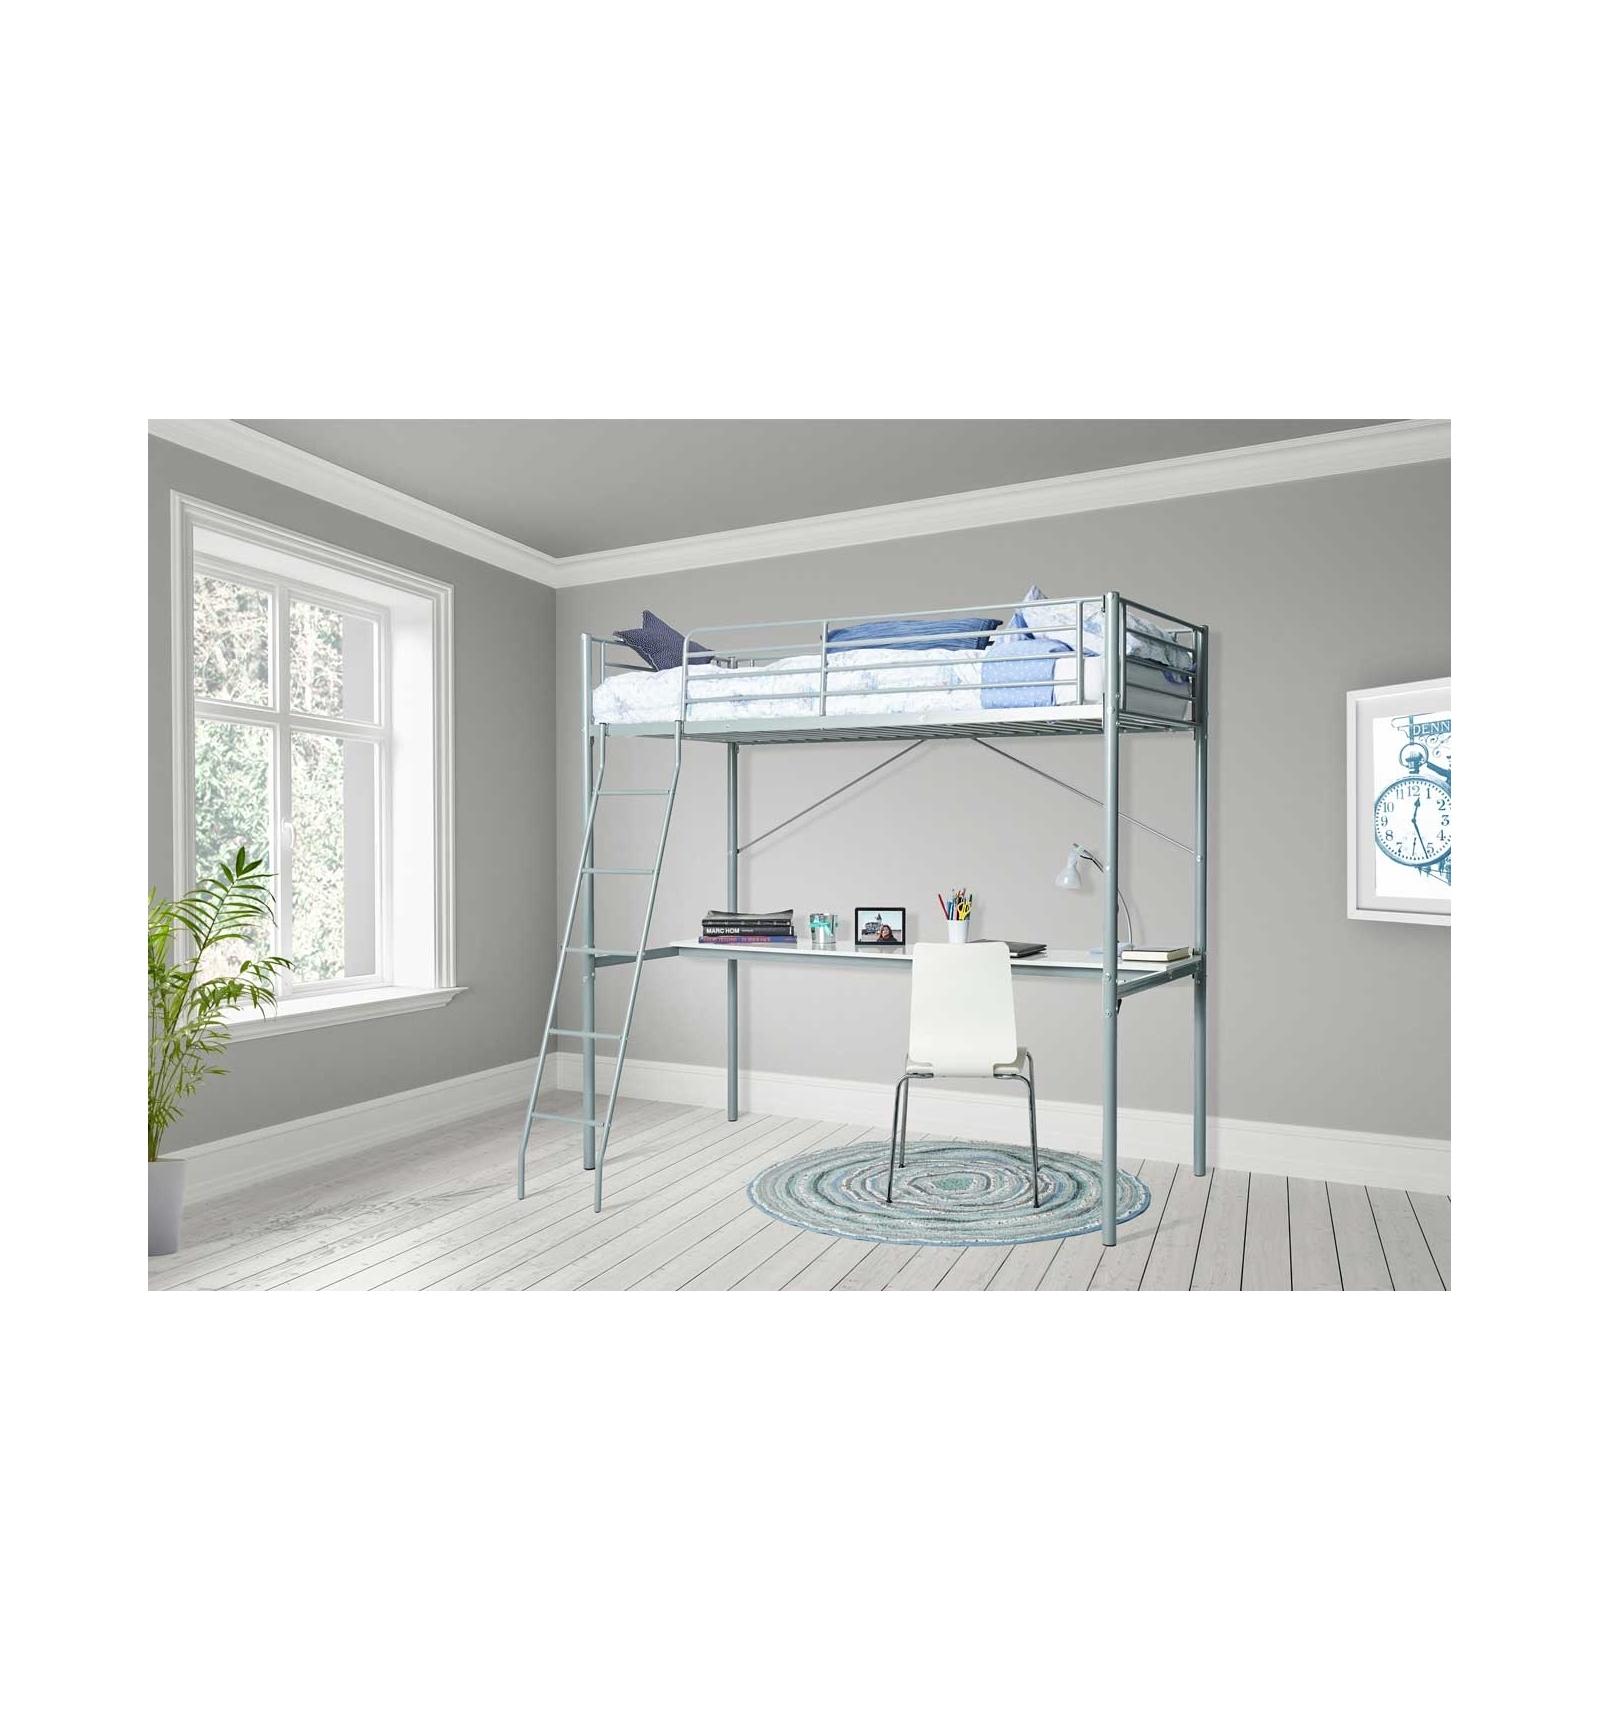 hochbett mit schreibtisch leo. Black Bedroom Furniture Sets. Home Design Ideas